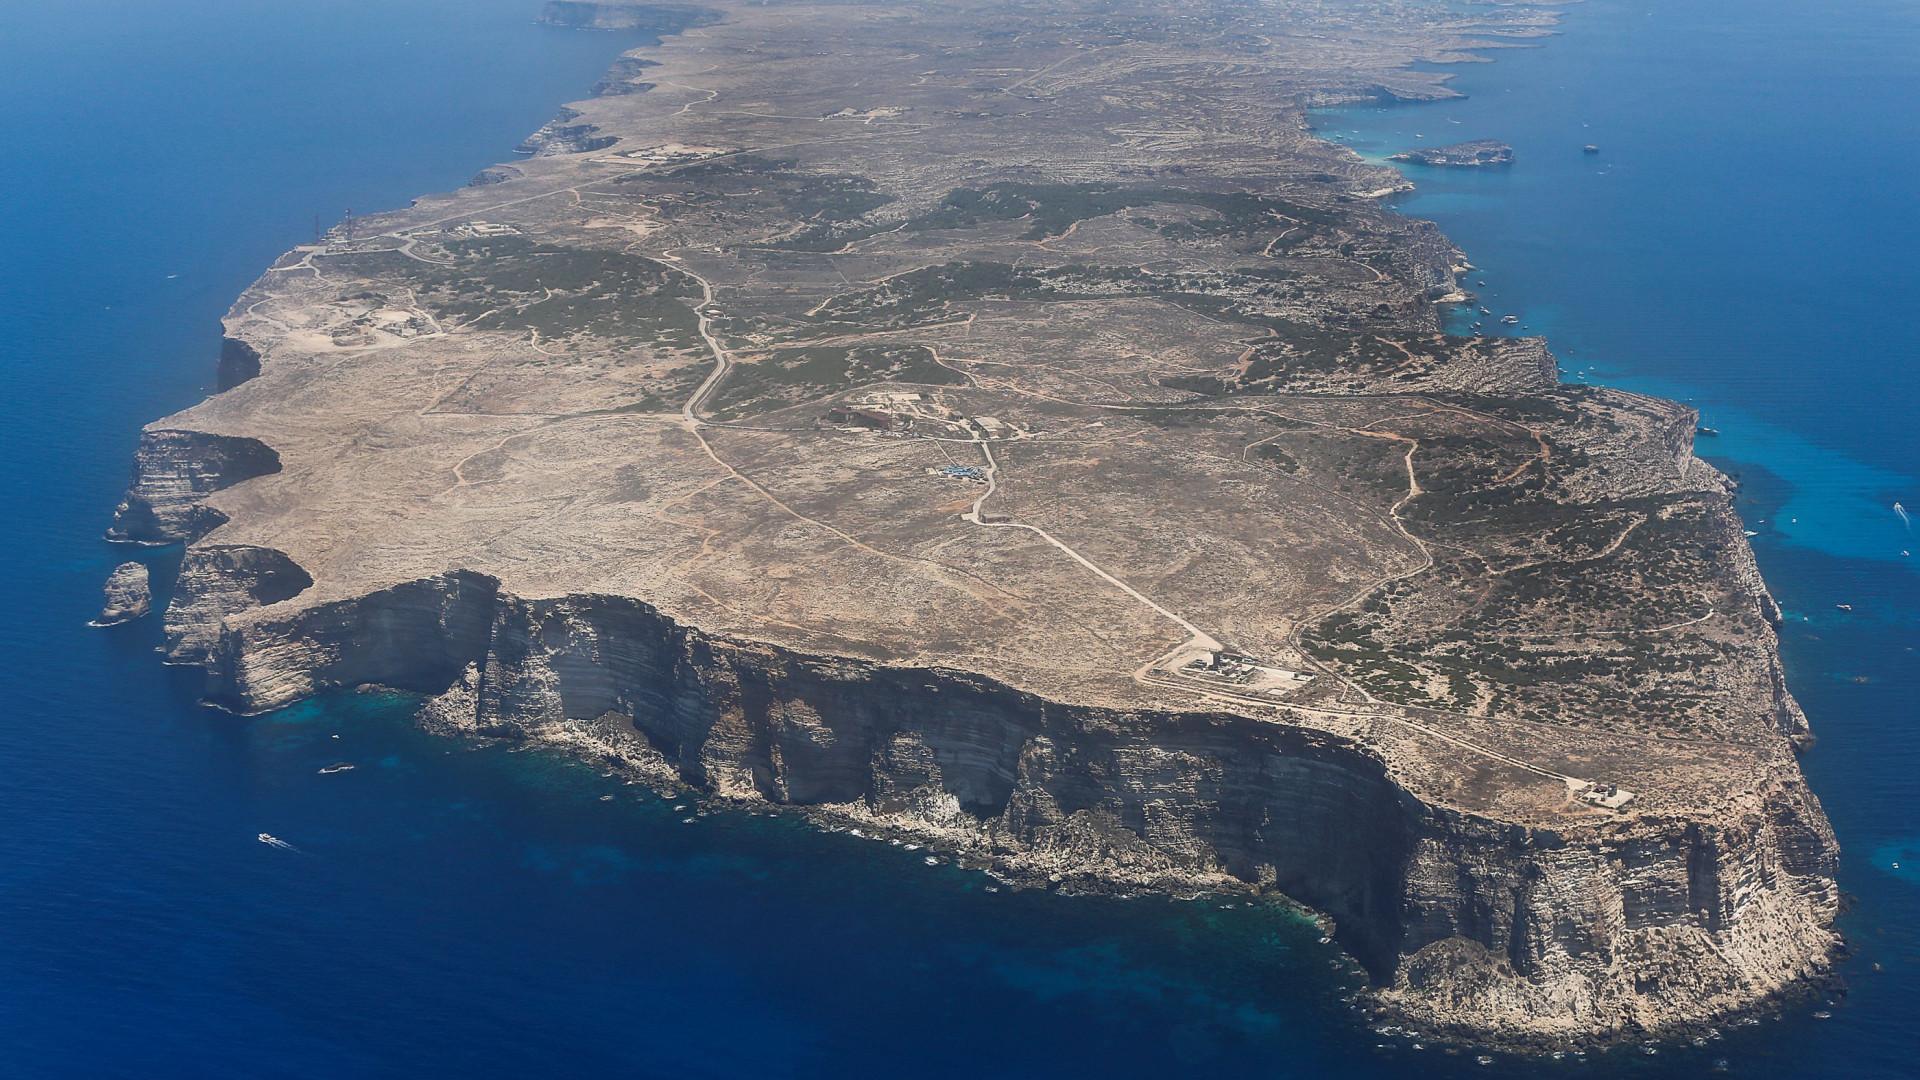 Fragata da Marinha portuguesa resgata 138 migrantes ao largo de Lampedusa